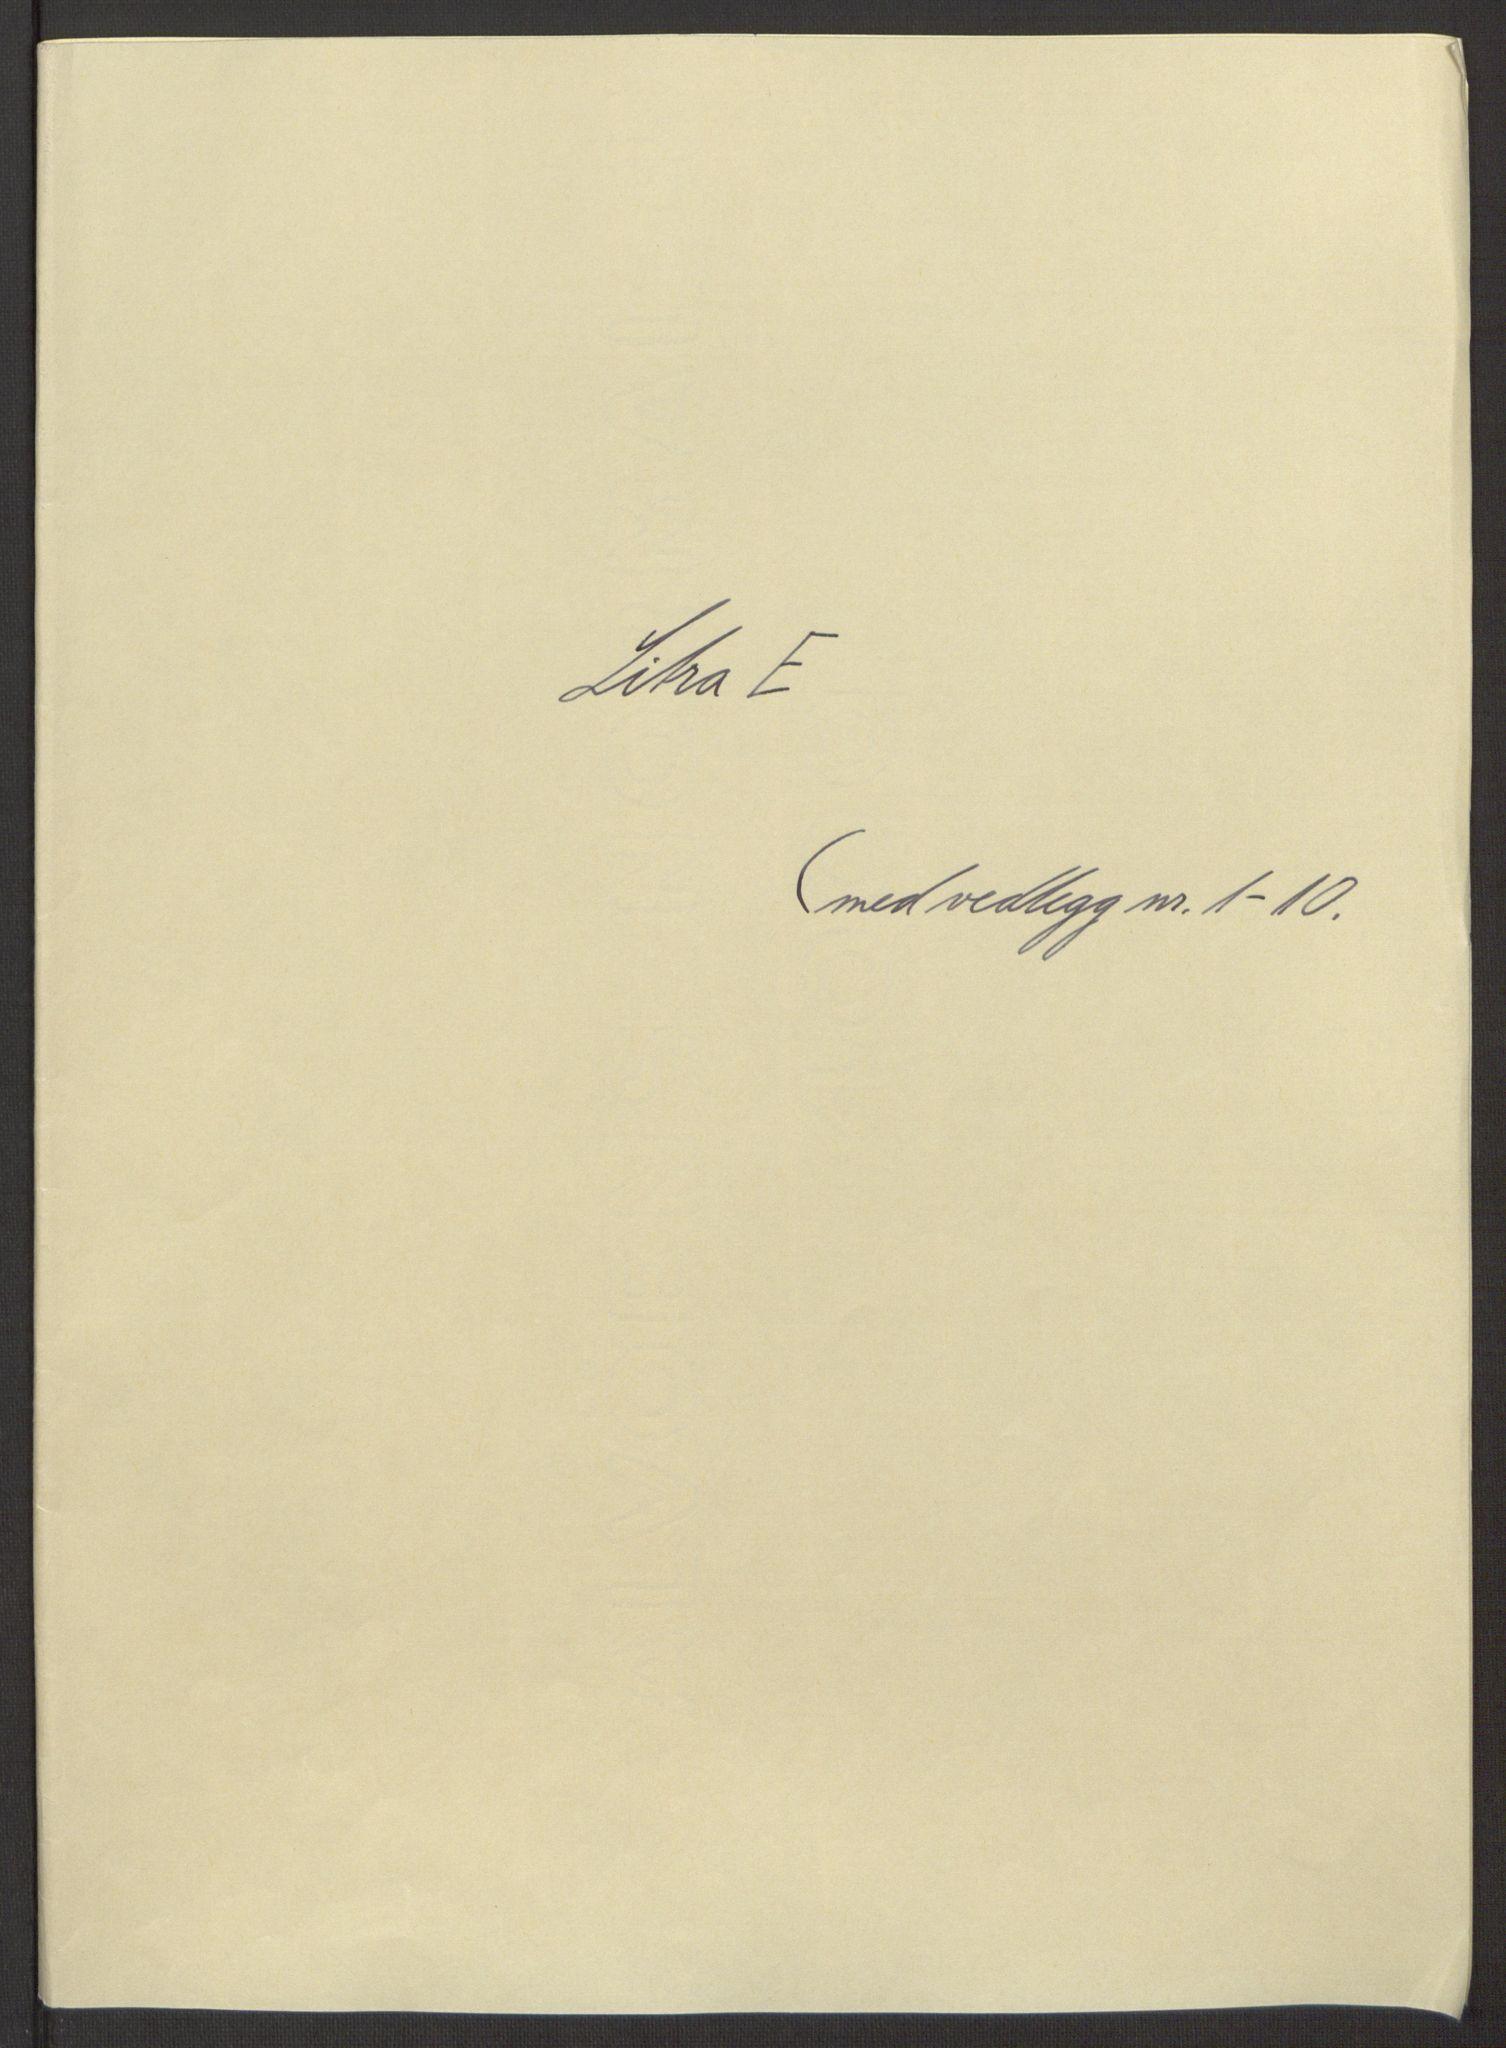 RA, Rentekammeret inntil 1814, Reviderte regnskaper, Fogderegnskap, R48/L2973: Fogderegnskap Sunnhordland og Hardanger, 1691-1692, s. 113